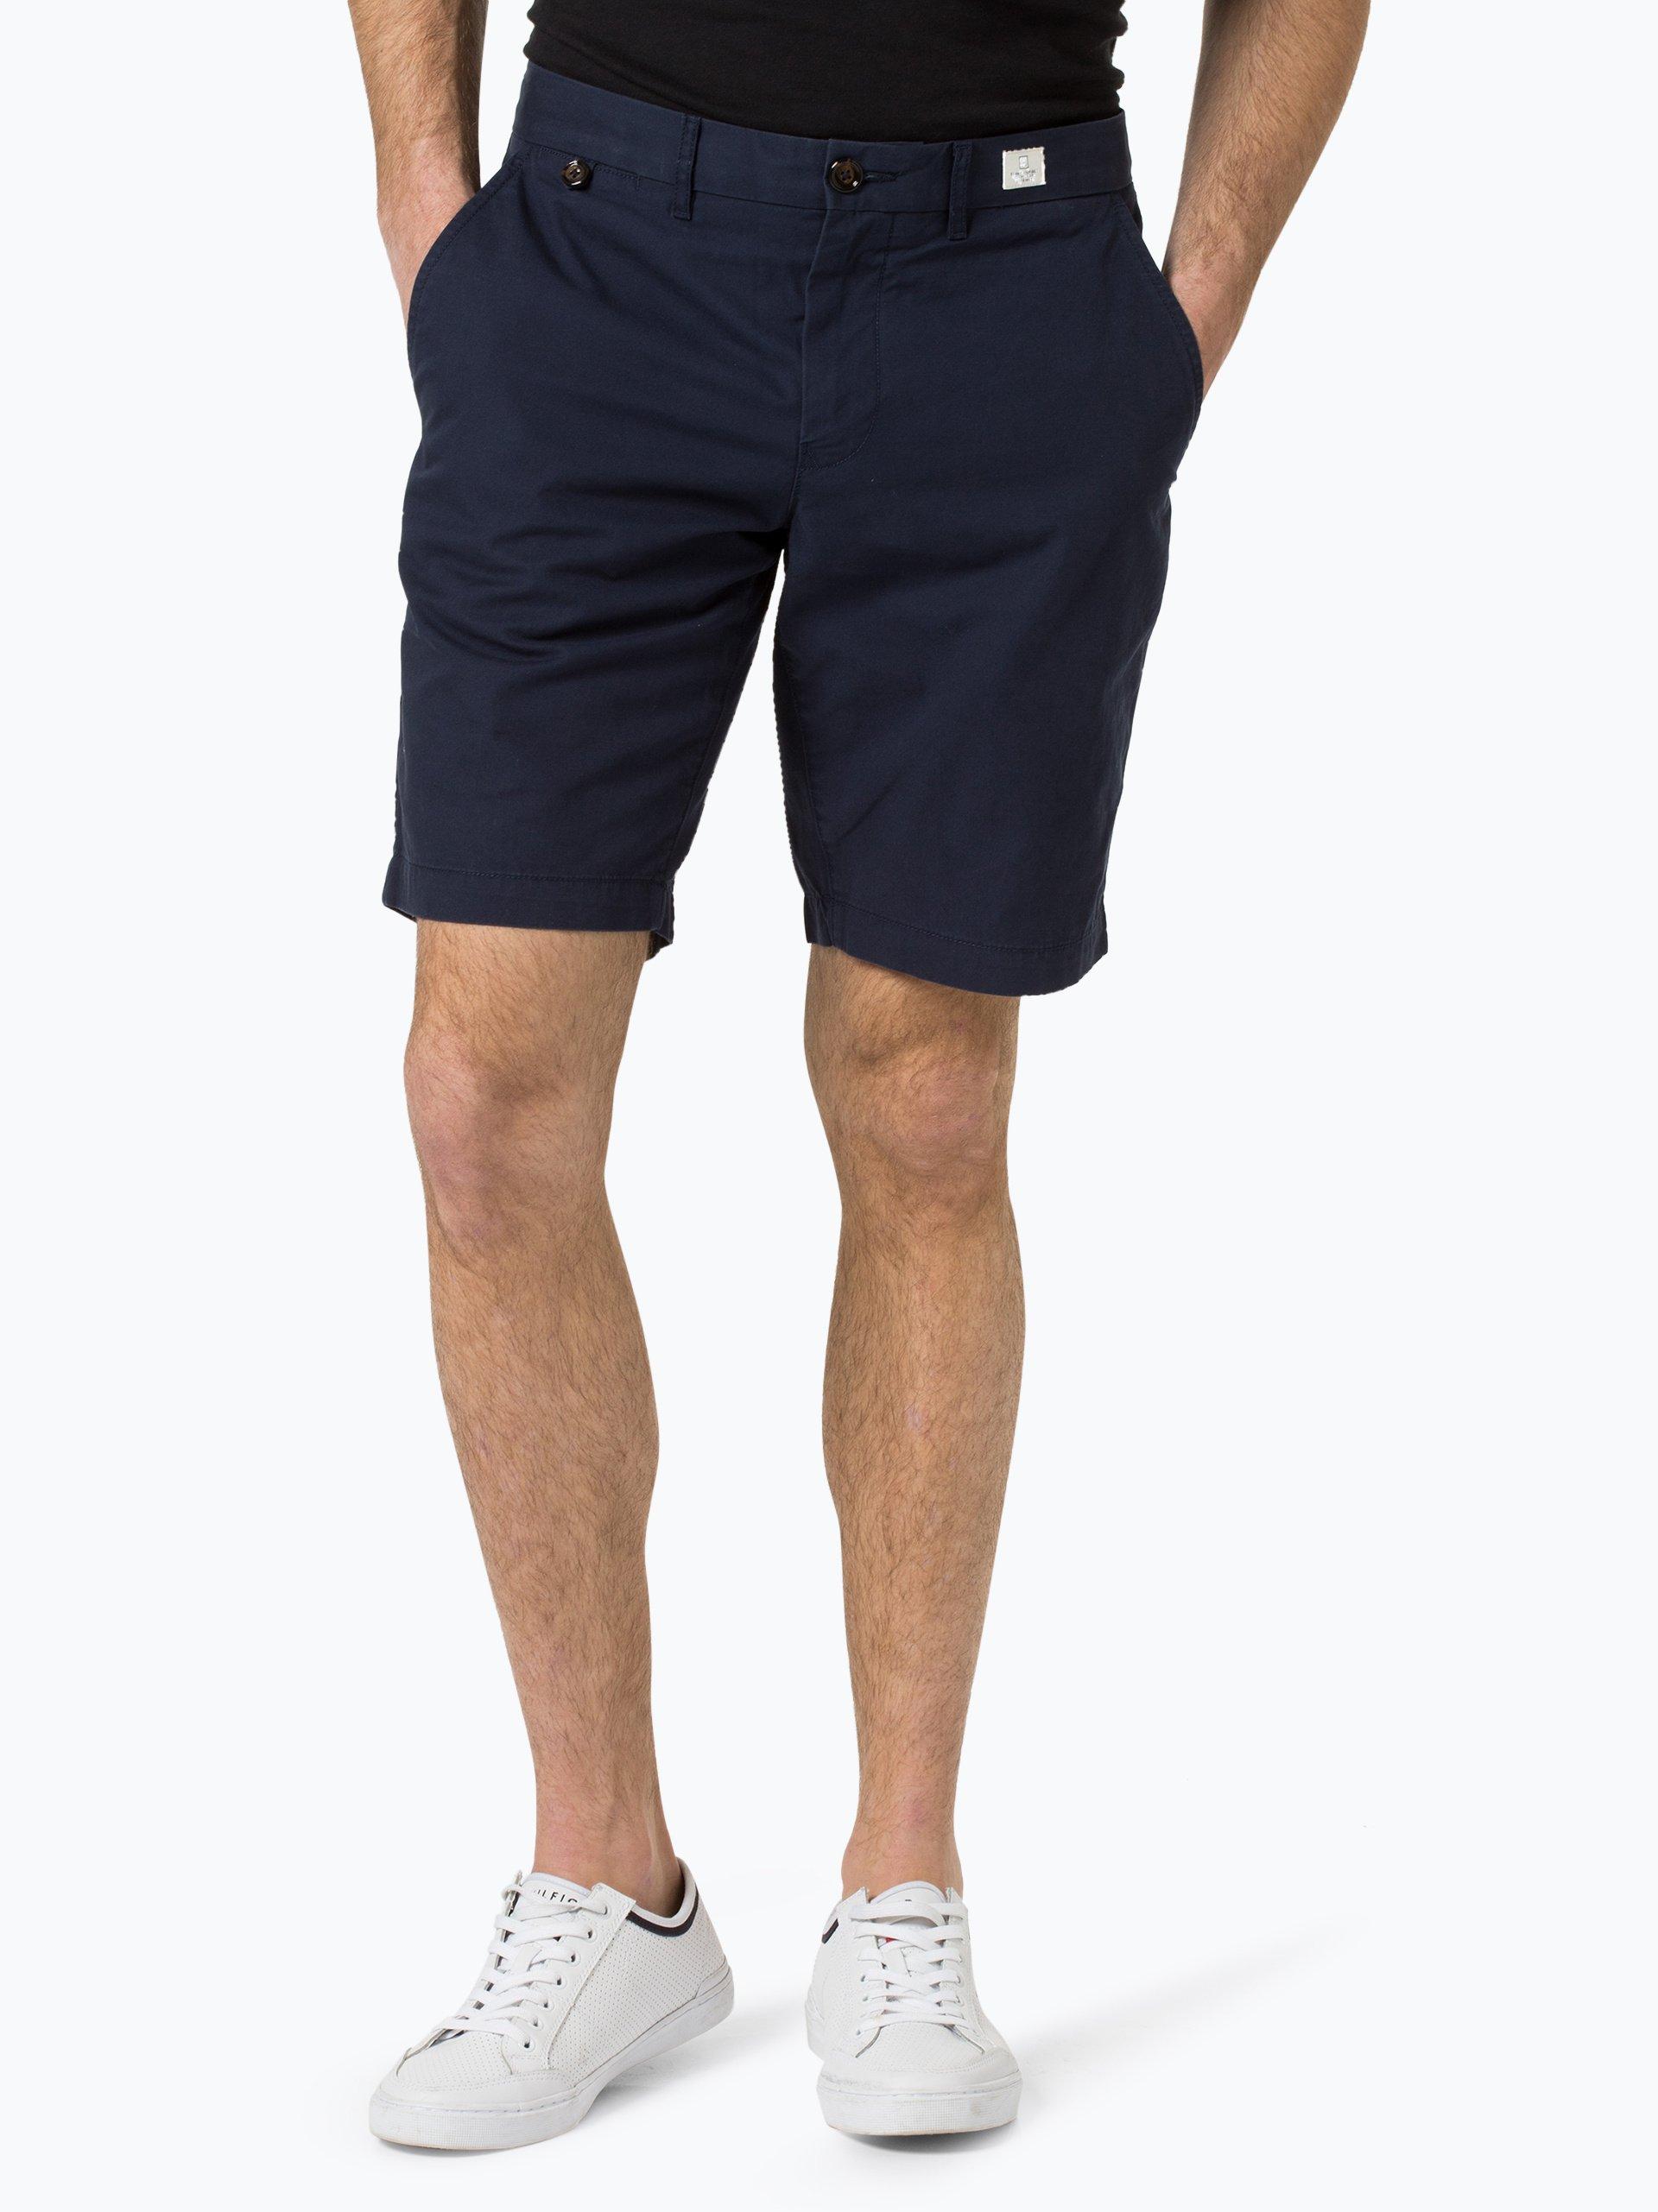 tommy hilfiger herren shorts marine uni online kaufen vangraaf com. Black Bedroom Furniture Sets. Home Design Ideas